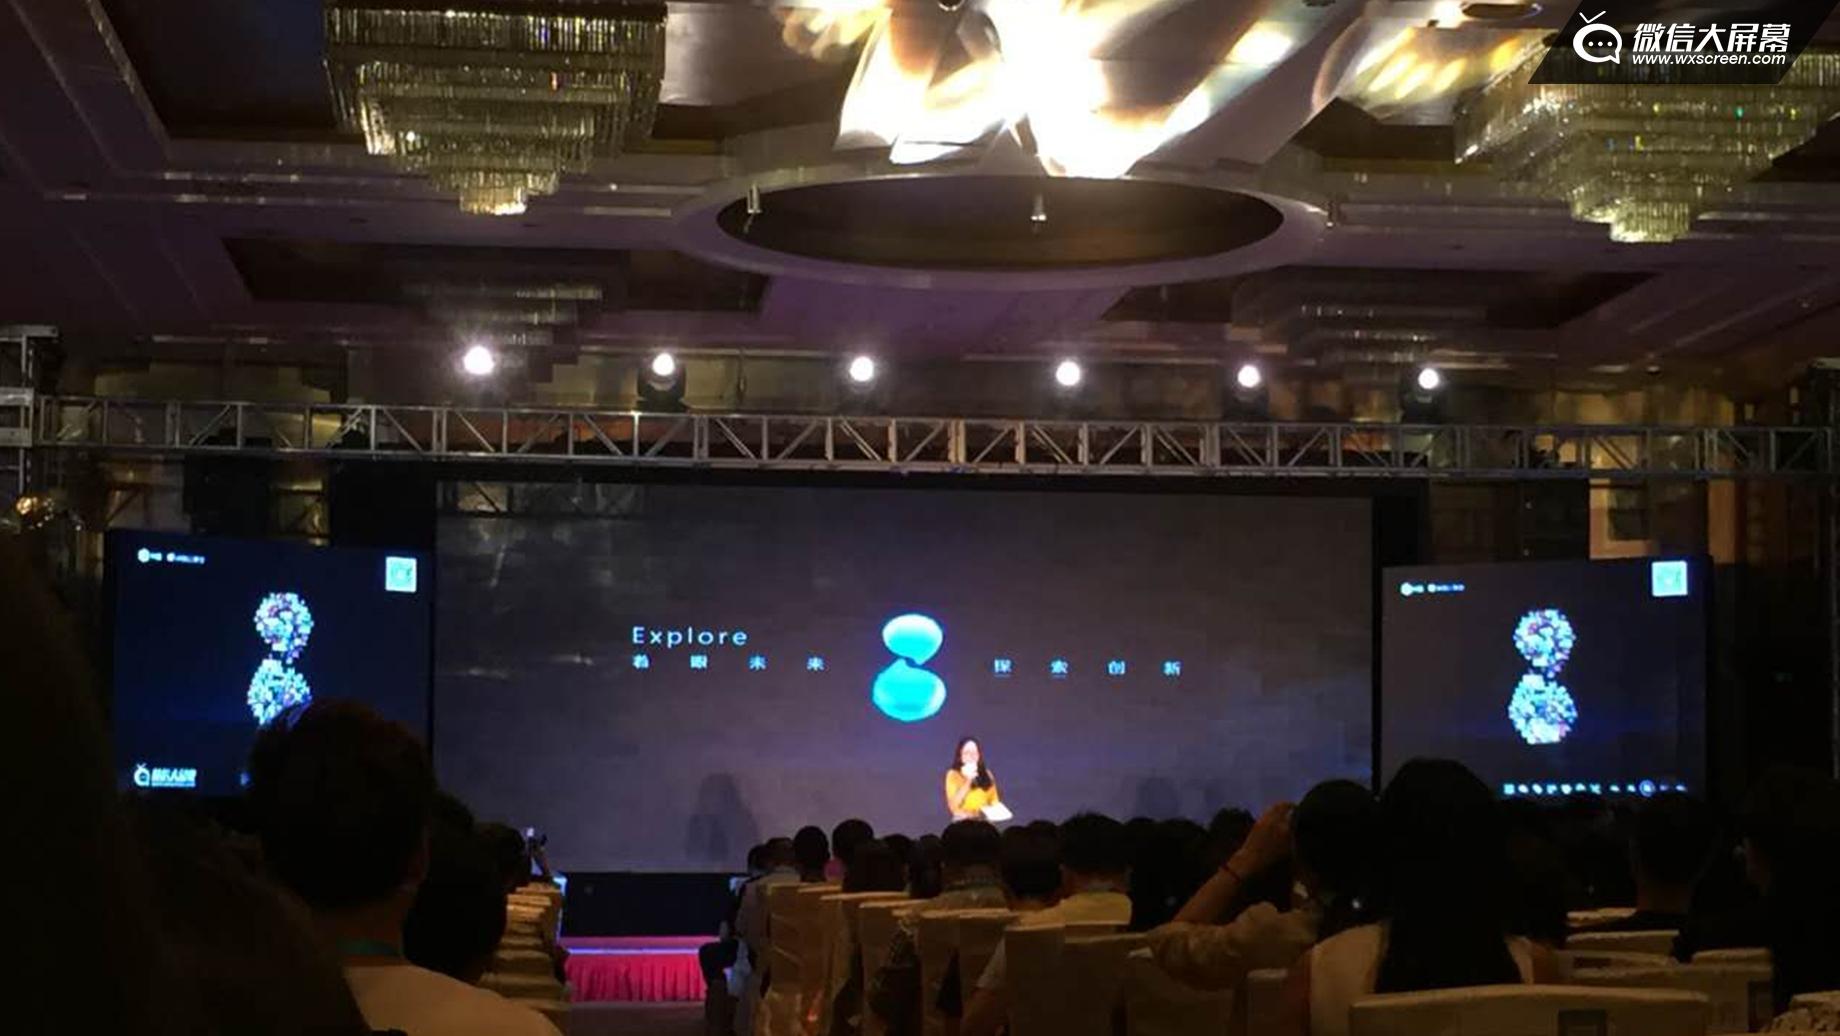 趣现场-微信大屏幕见证UI中国8周年庆